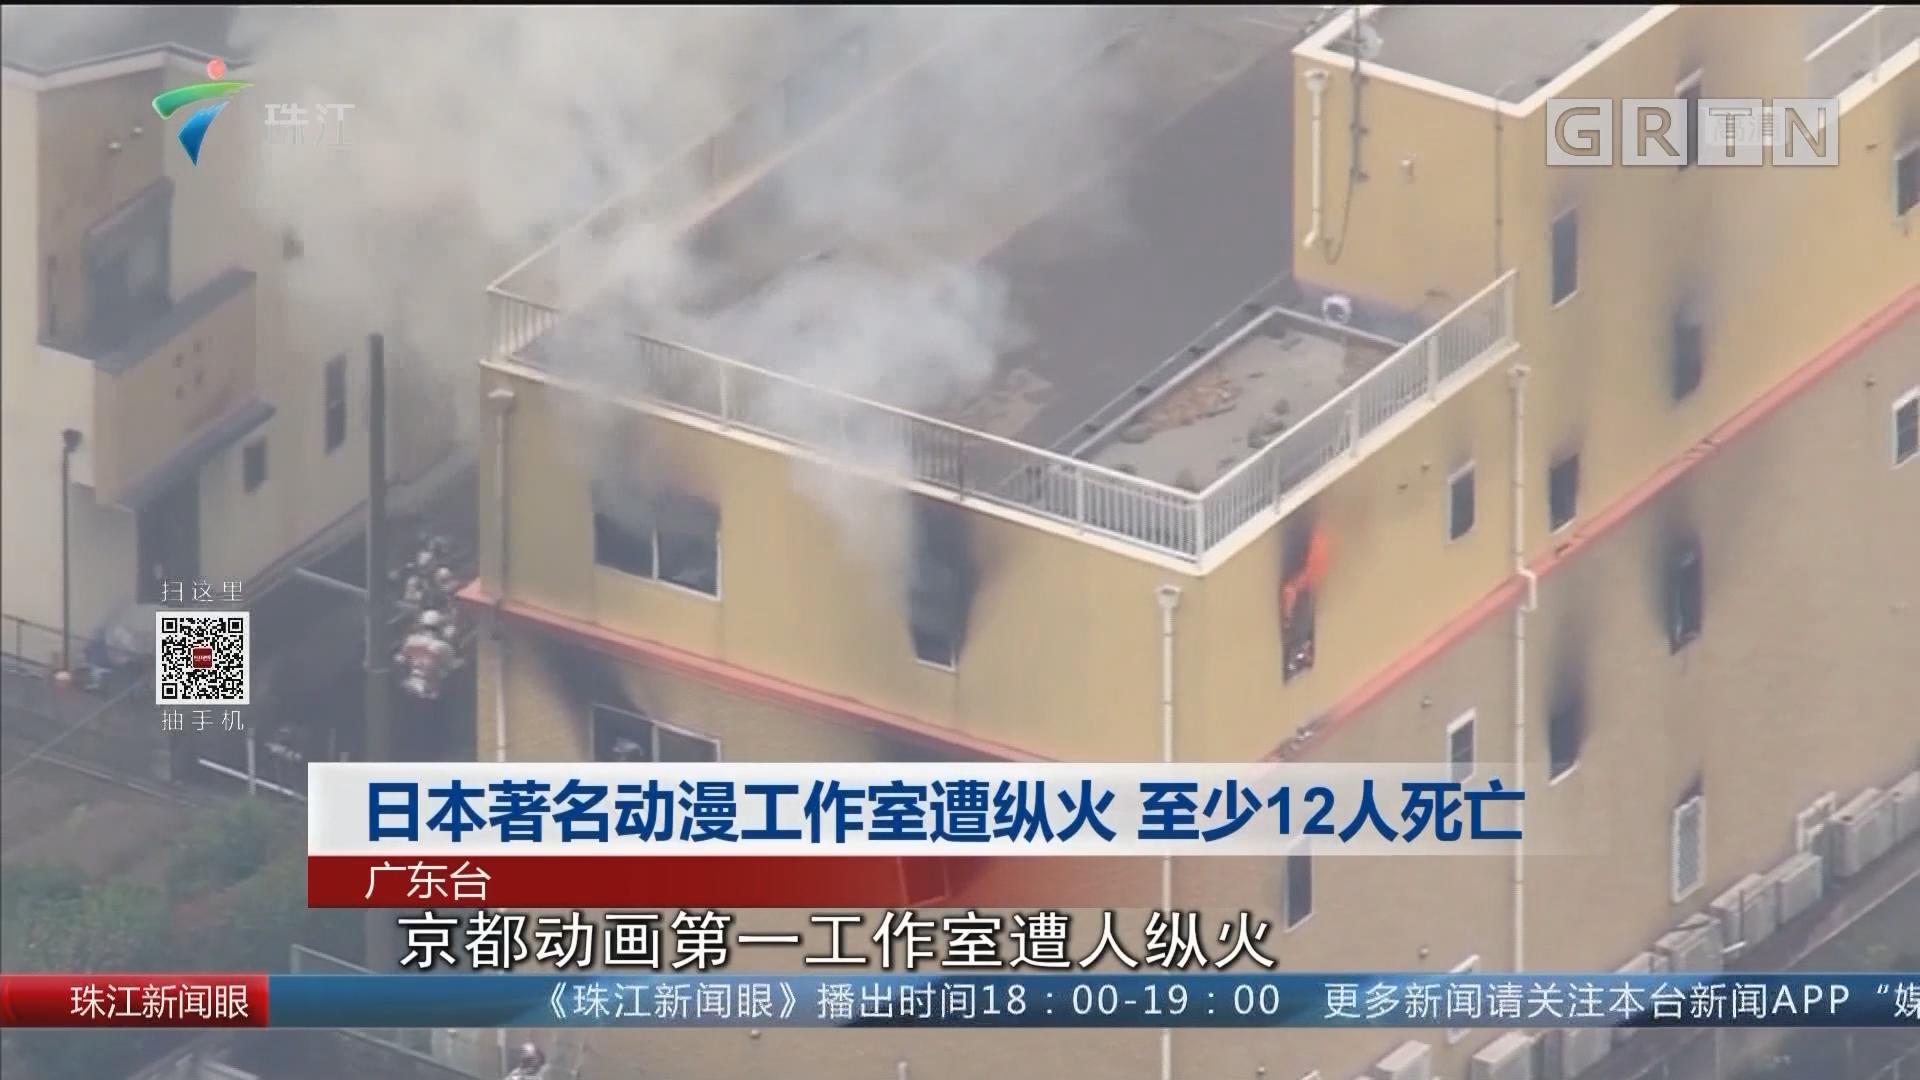 日本著名动漫工作室遭纵火 至少12人死亡